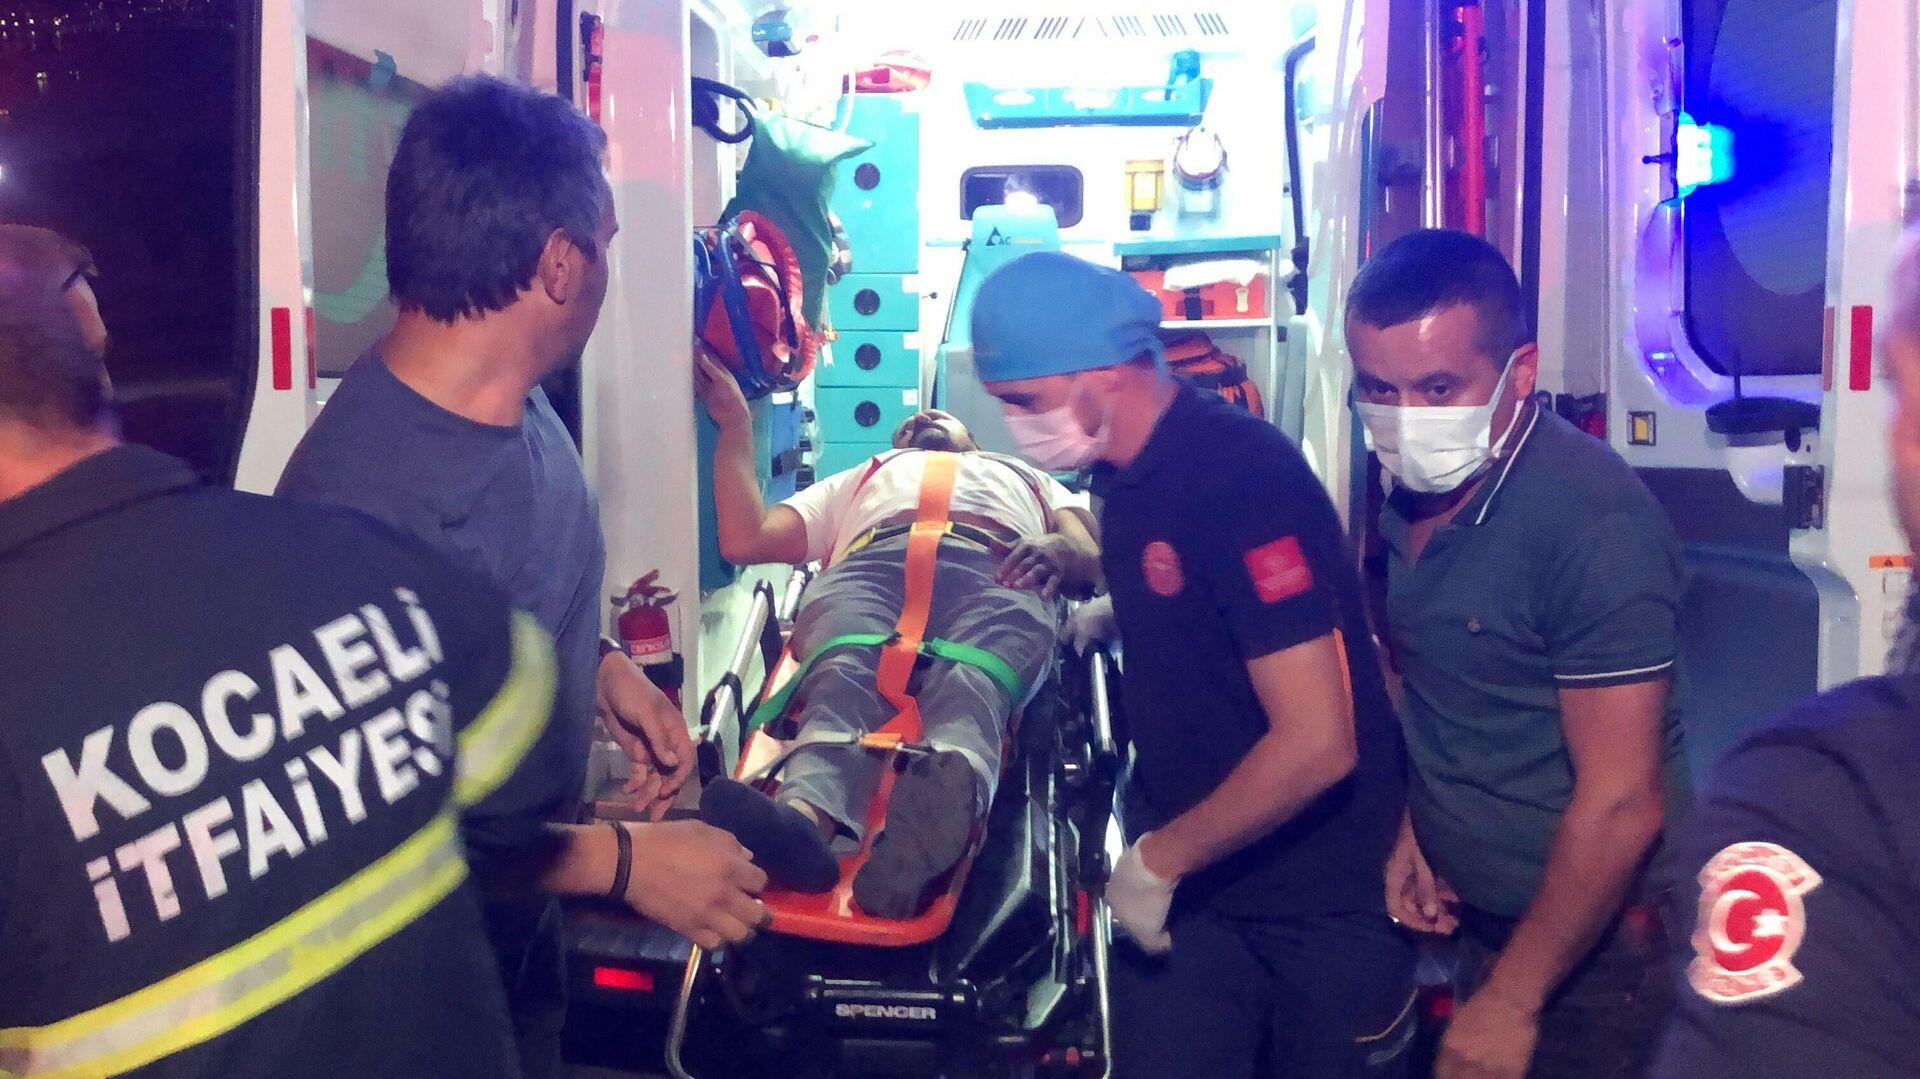 """Kocaeli'nin İzmit ilçesinde sürücüsünün direksiyon hakimiyetini kaybettiği halk otobüsü beton elektrik direğine çarptı. Kazada yaralanan ve sıkıştığı araçtan ekipler tarafından kurtarılan sürücü, """"Benim çalışmam lazım"""" diyerek ambulanstan inmek istedi. - Sputnik Türkiye, 1920, 16.09.2021"""